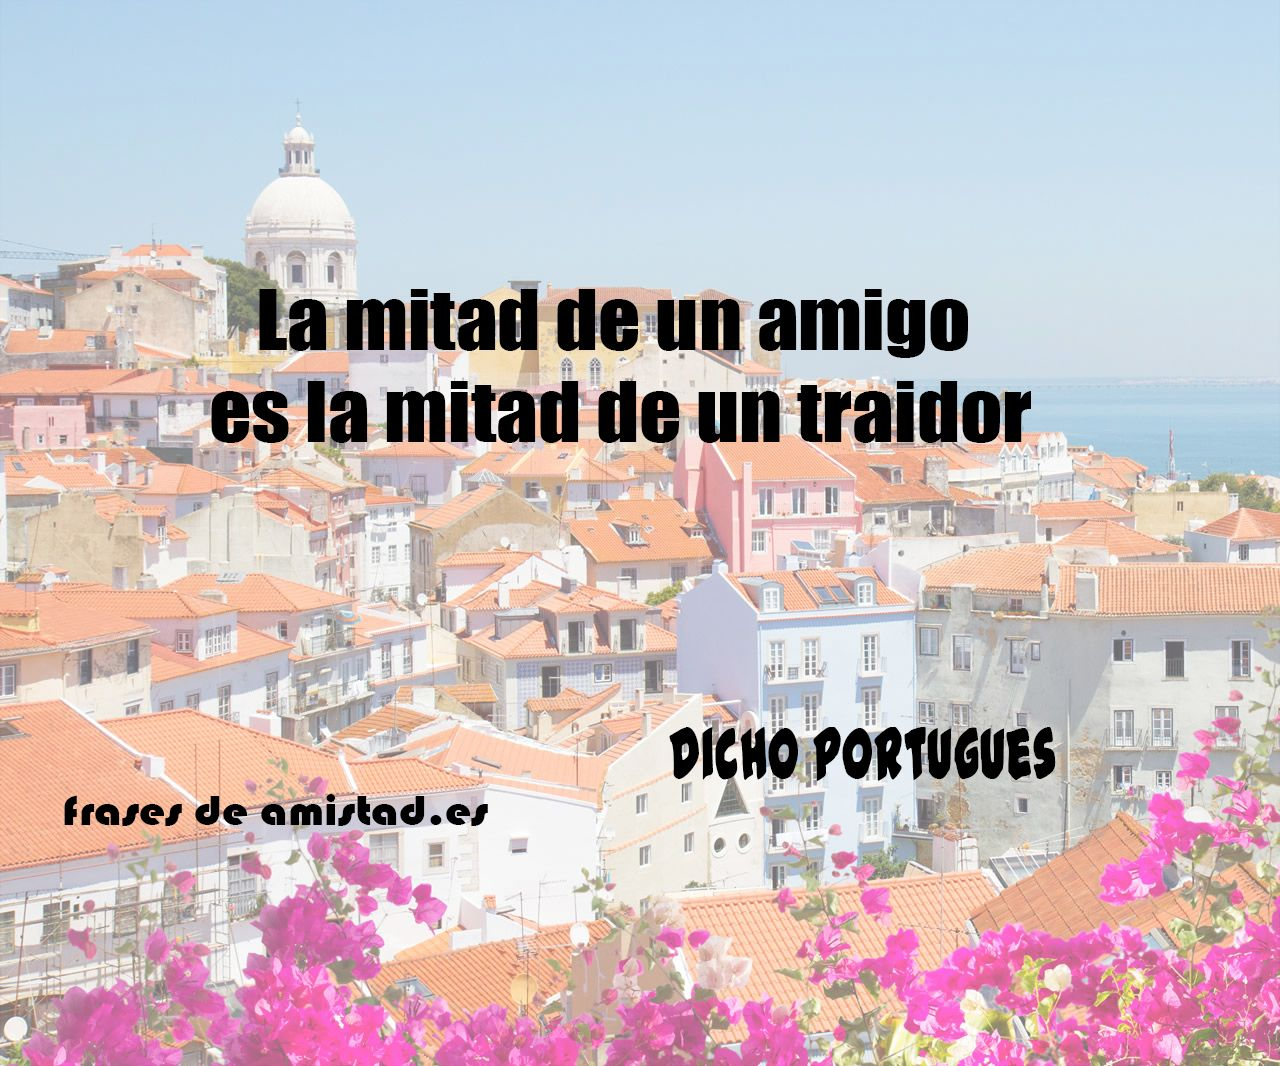 Aqu encontrarás las mejores 161 frases de amistad en portugués Frases para dedicar a tus amigos en portugues traducidas al espa±ol